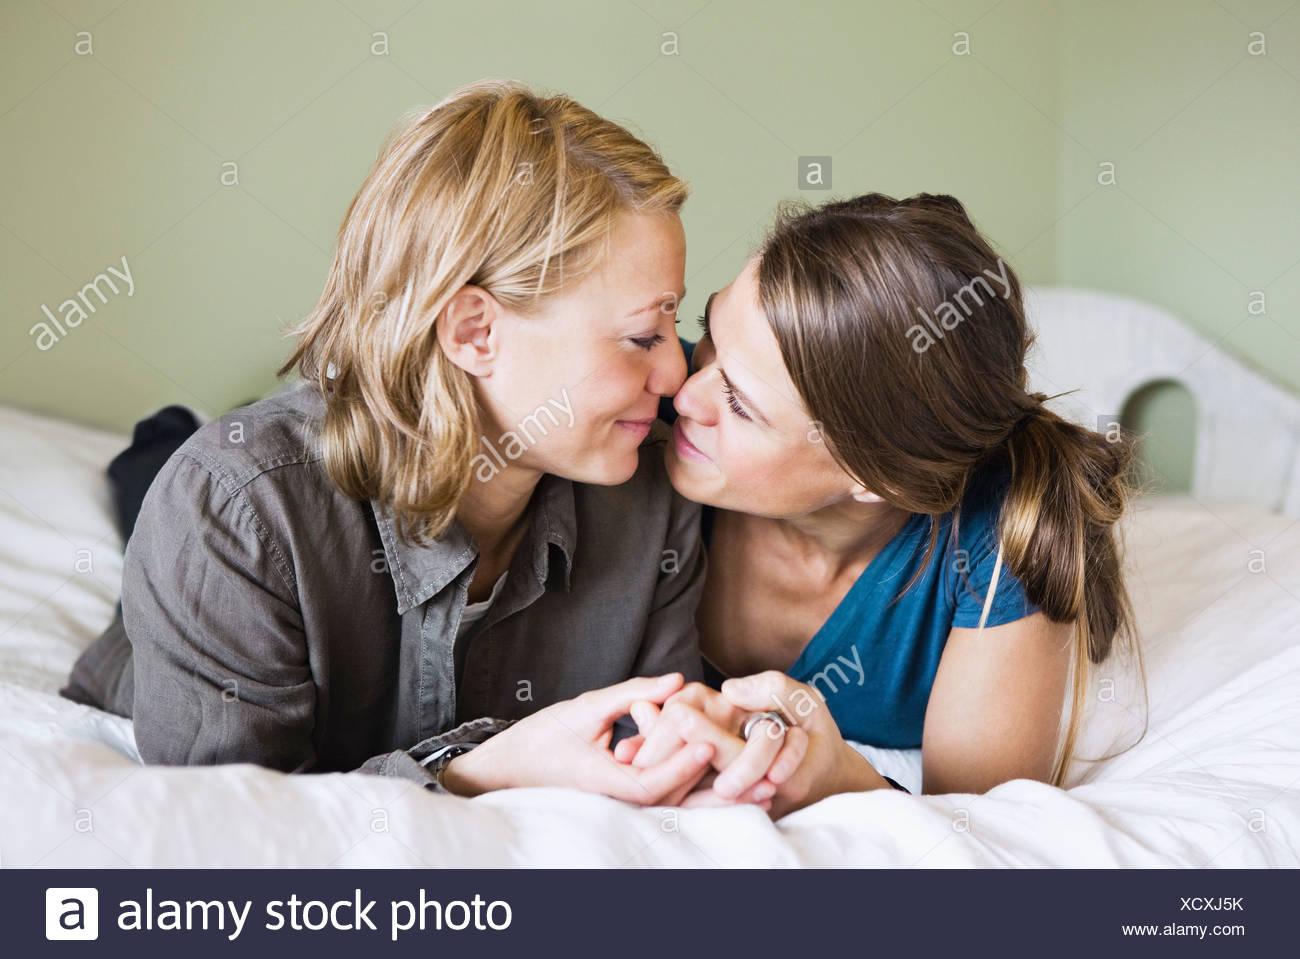 Female partners cuddle - Stock Image